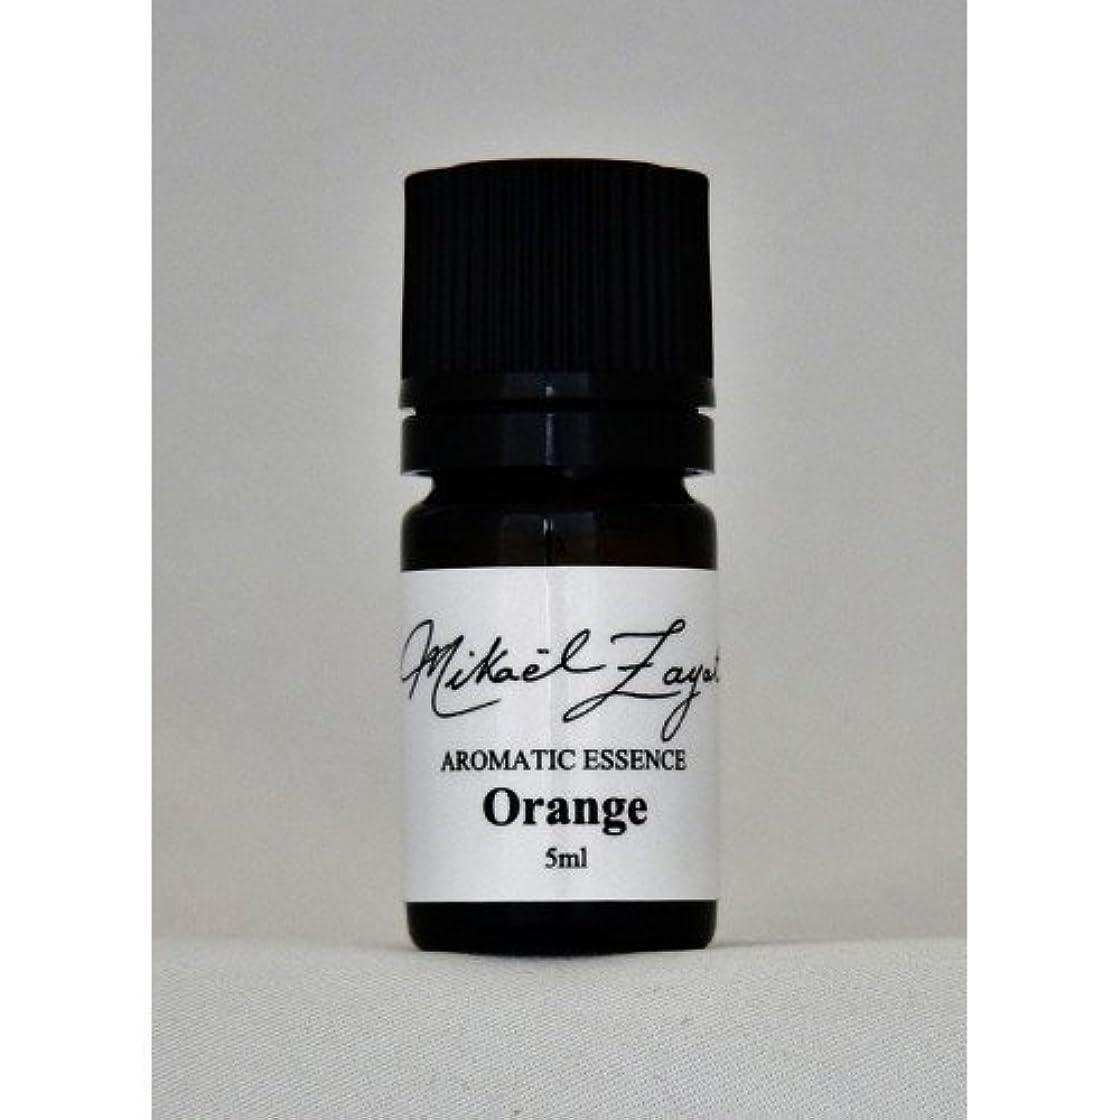 を必要としていますバッテリー強大なミカエル?ザヤット アロマティックエッセンス オレンジ 10ml Orange 10ml 日本国内正規品